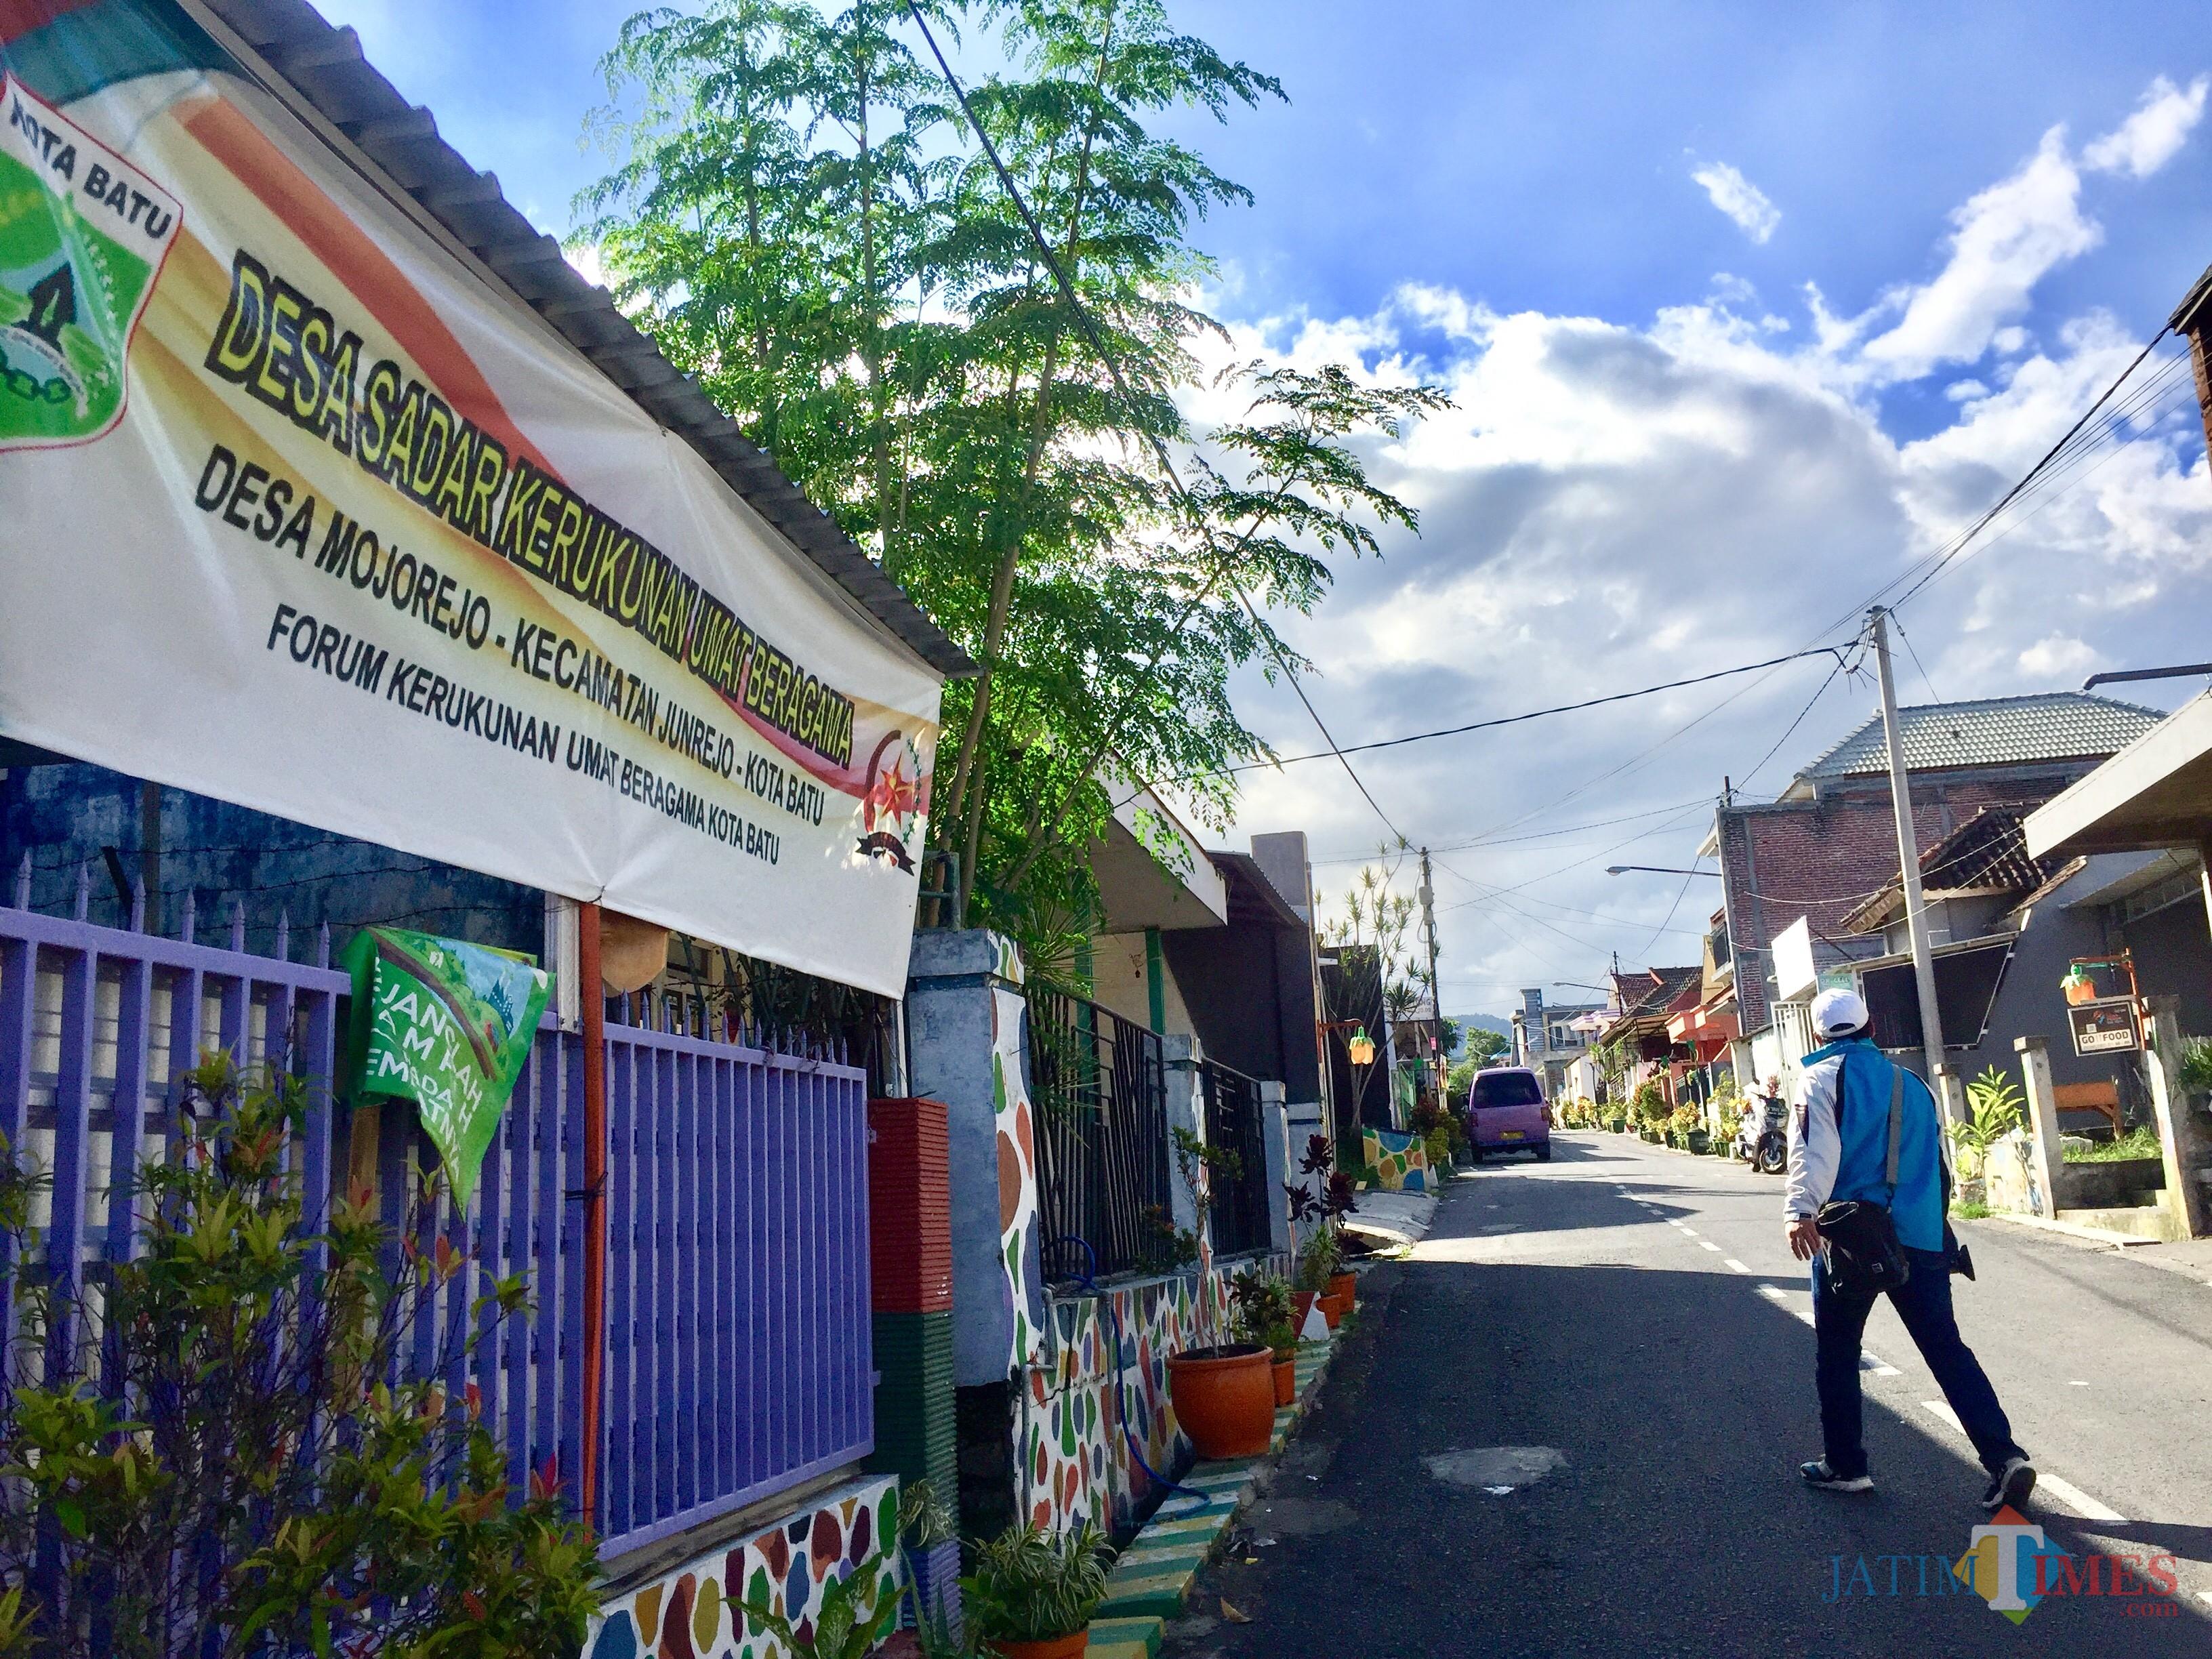 Masjid Dan Gereja Bisa Berdampingan Warga Jakarta Acungi Jempol